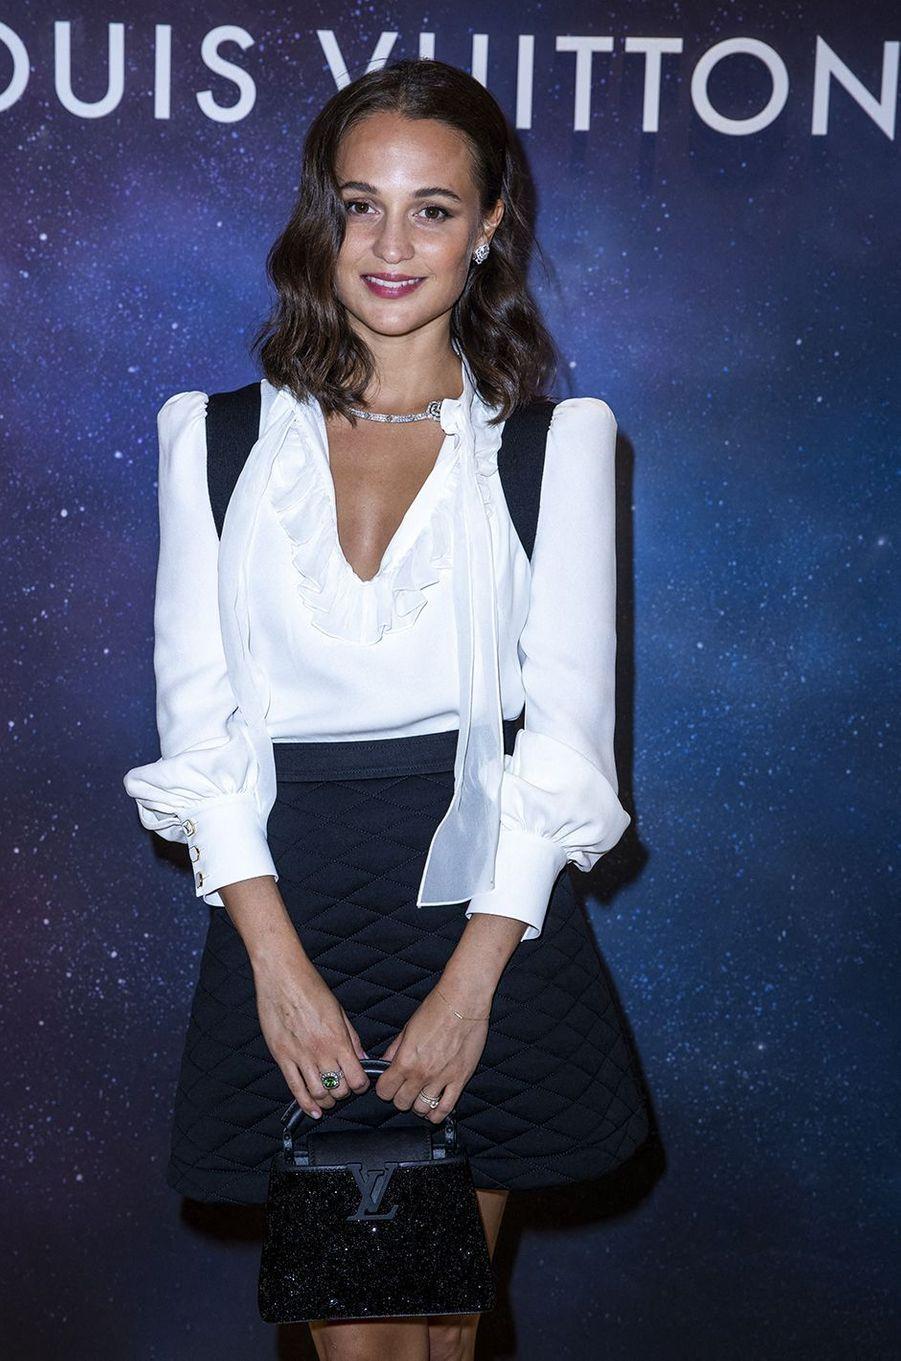 Alicia Vikanderàla soirée Louis Vuitton pour la présentation de la collection de haute joaillerie«Stellar Times»à Paris le 28 septembre 2020